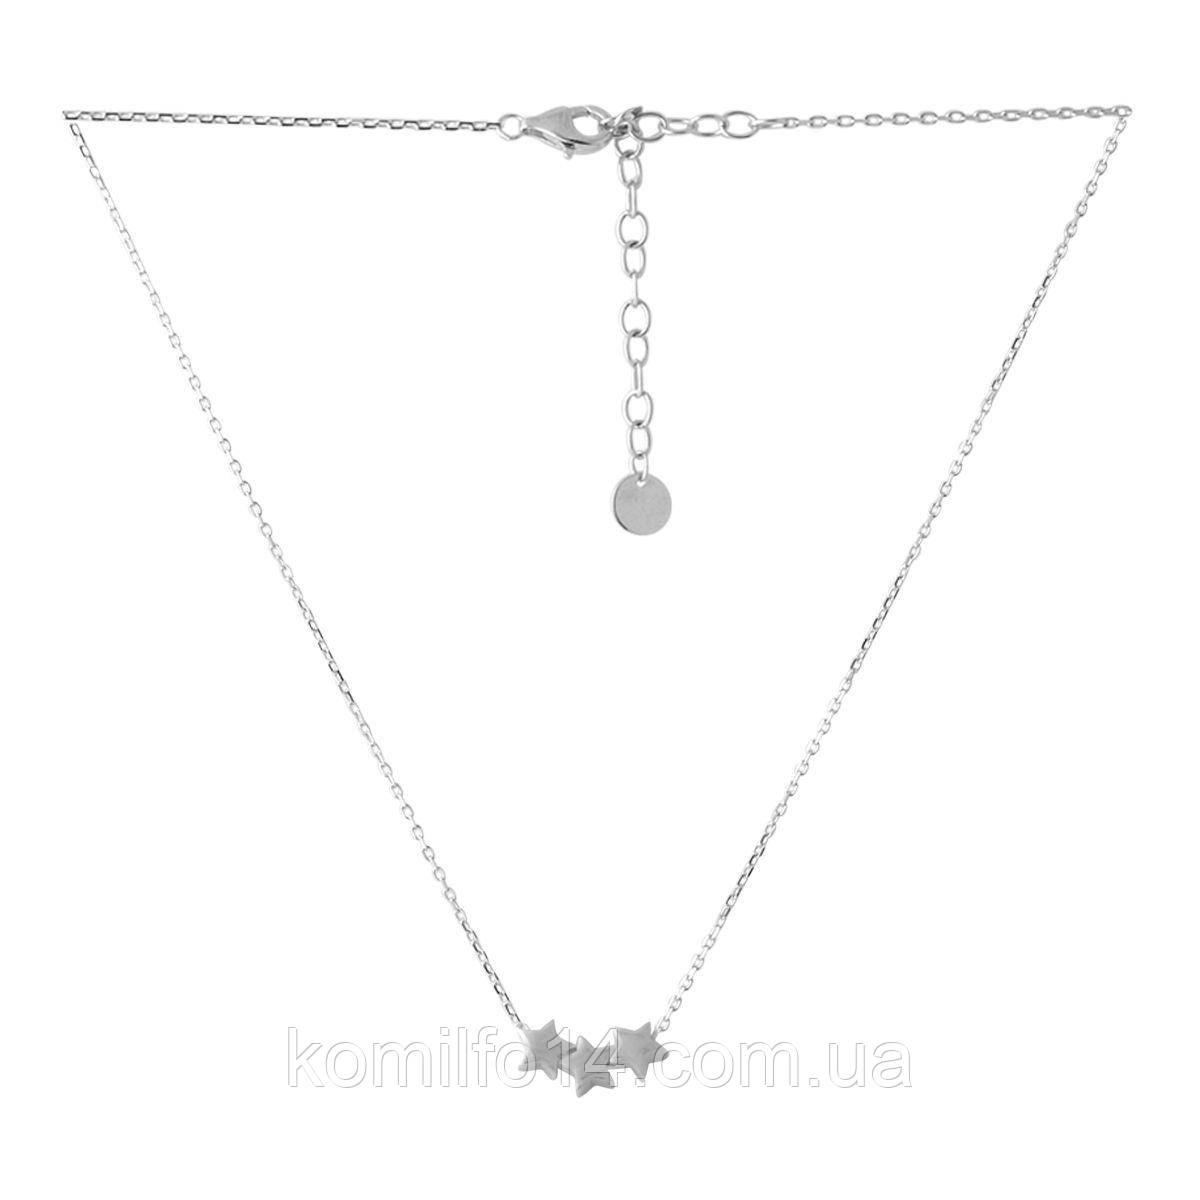 Женское серебряное колье без камней